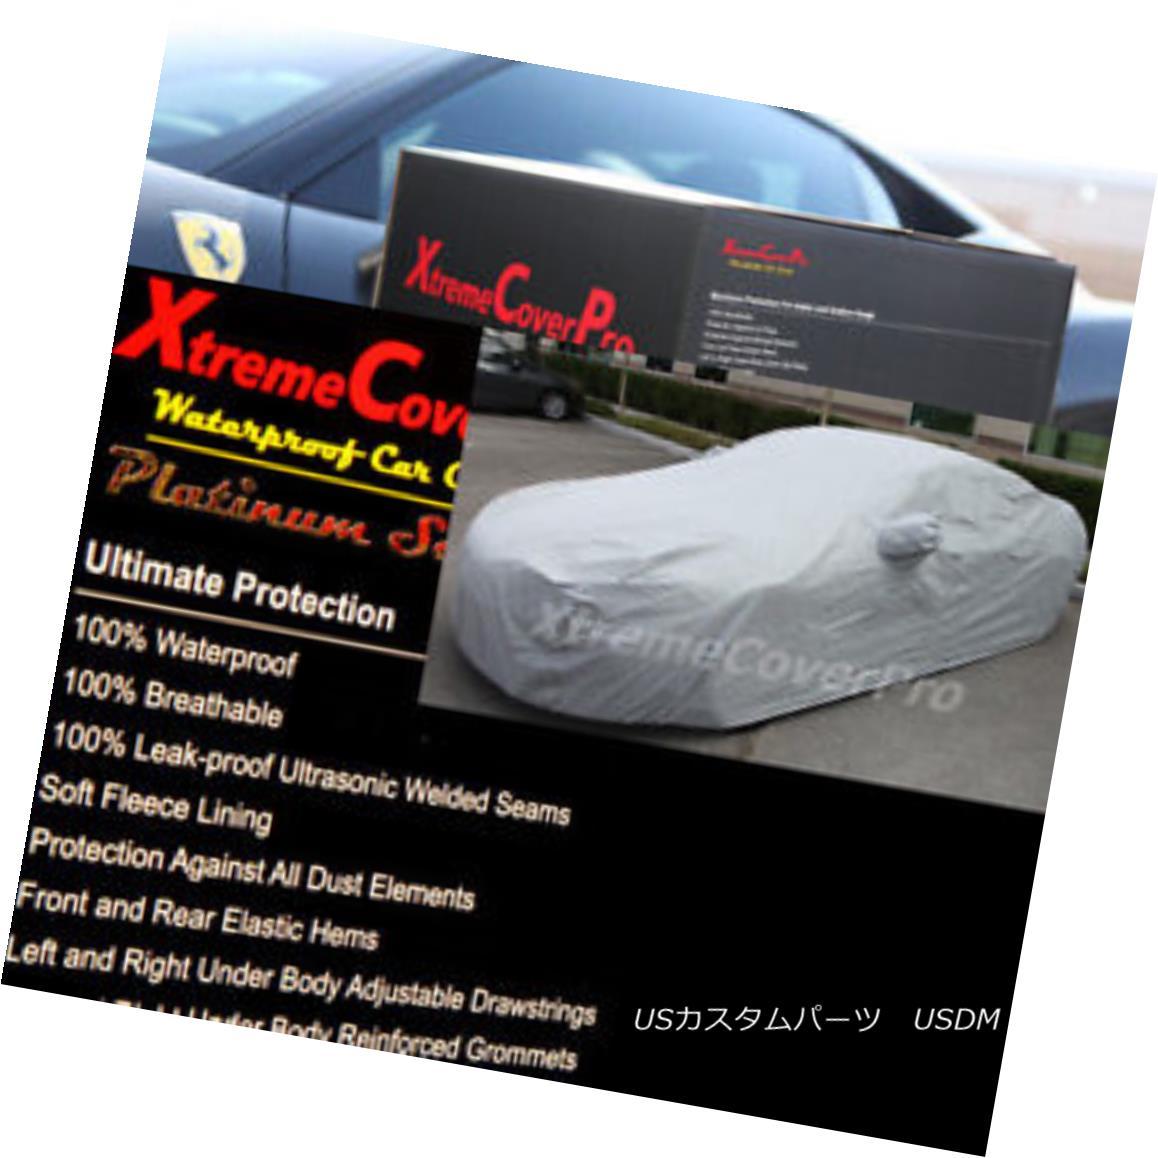 カーカバー 2005 2006 2007 Chevy Cobalt Sedan Waterproof Car Cover w/MirrorPocket 2005年2006年シボレーコバルトセダン防水カーカバー付き(MirrorPocket)